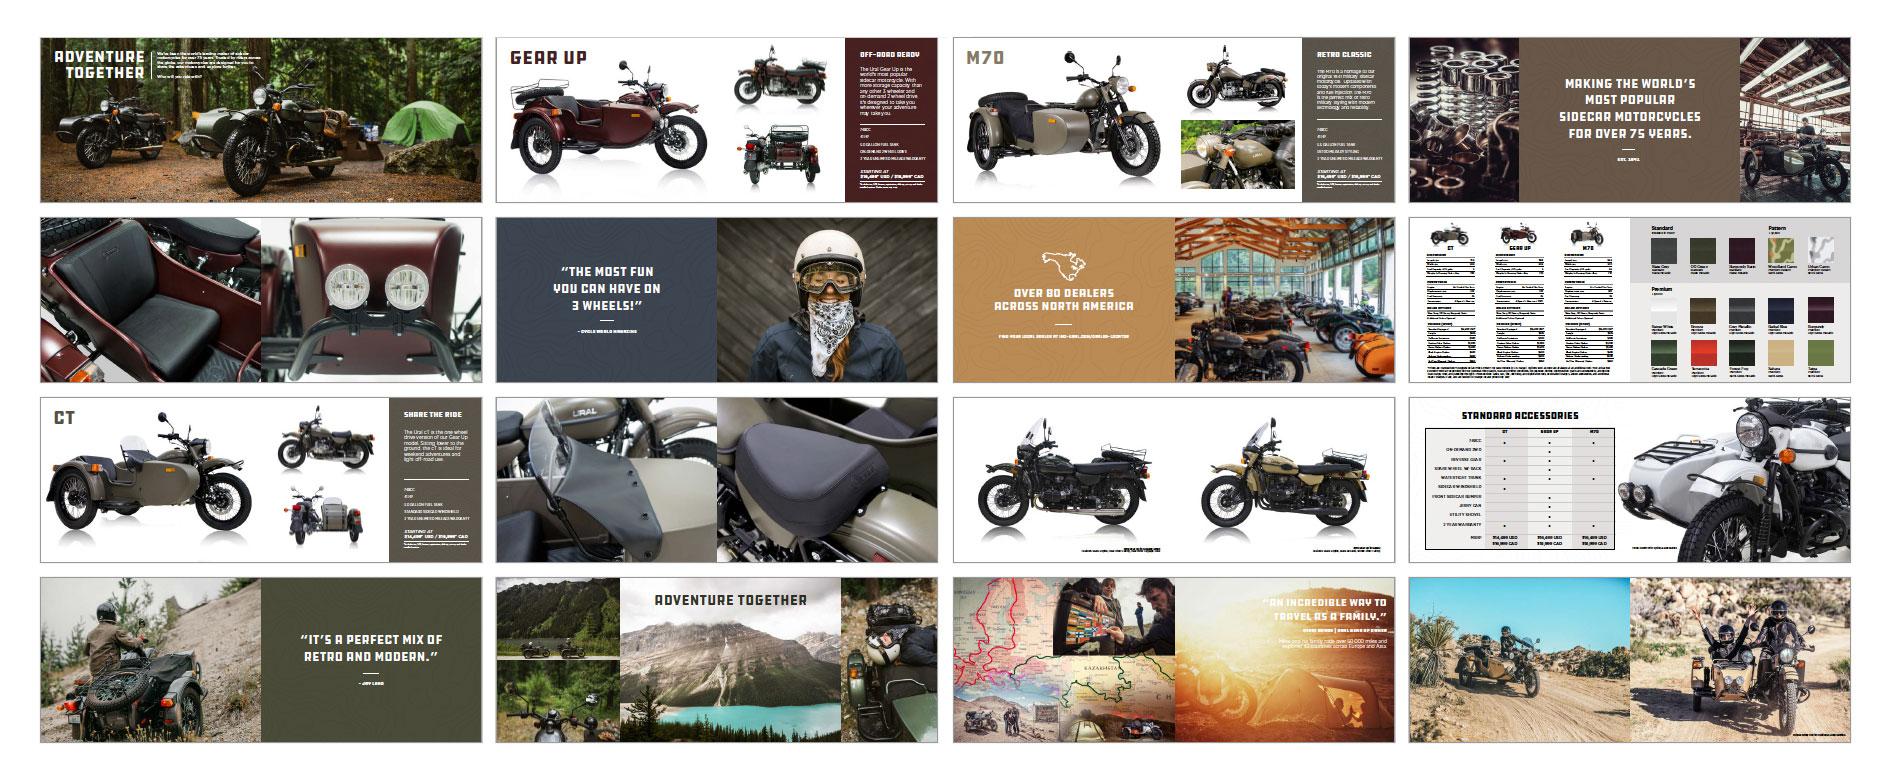 Ural Sidecar Motorcycles 2018 Brochure